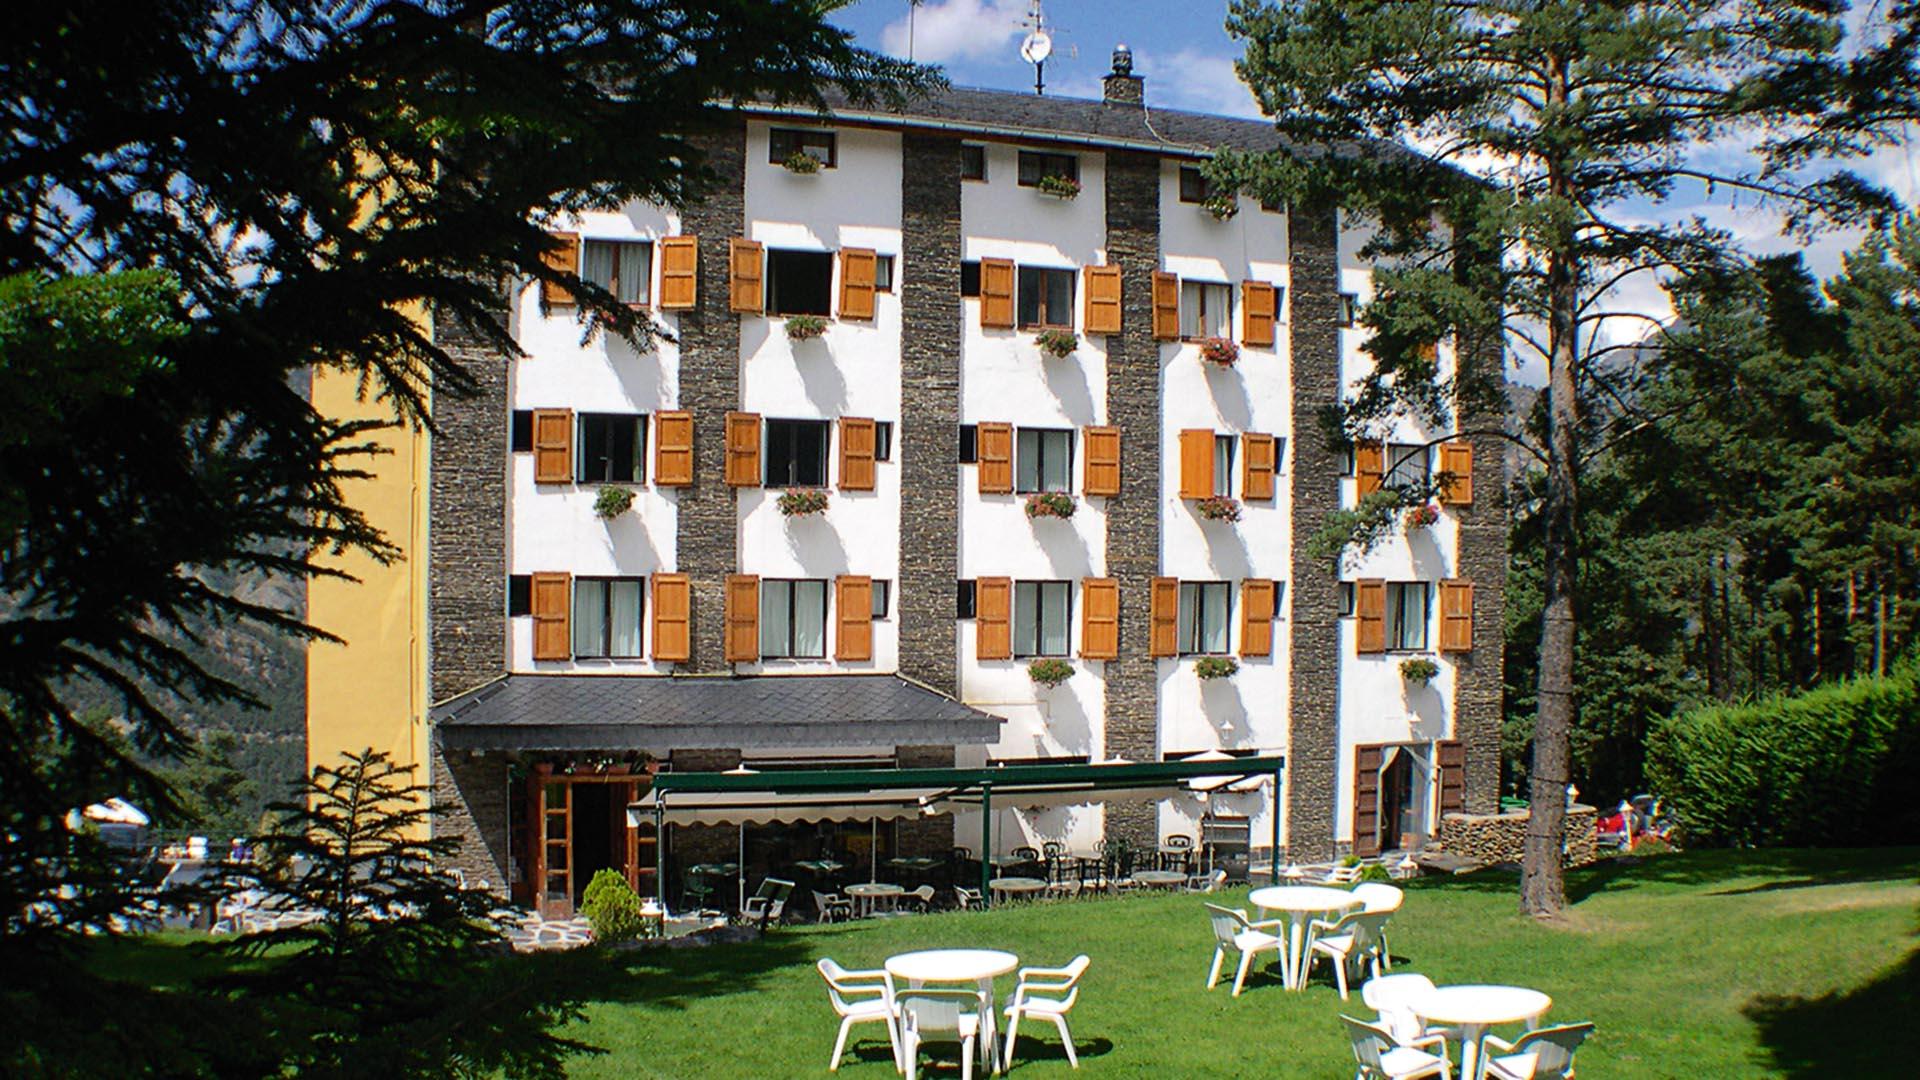 TOURENFAHRER Hotels 2018